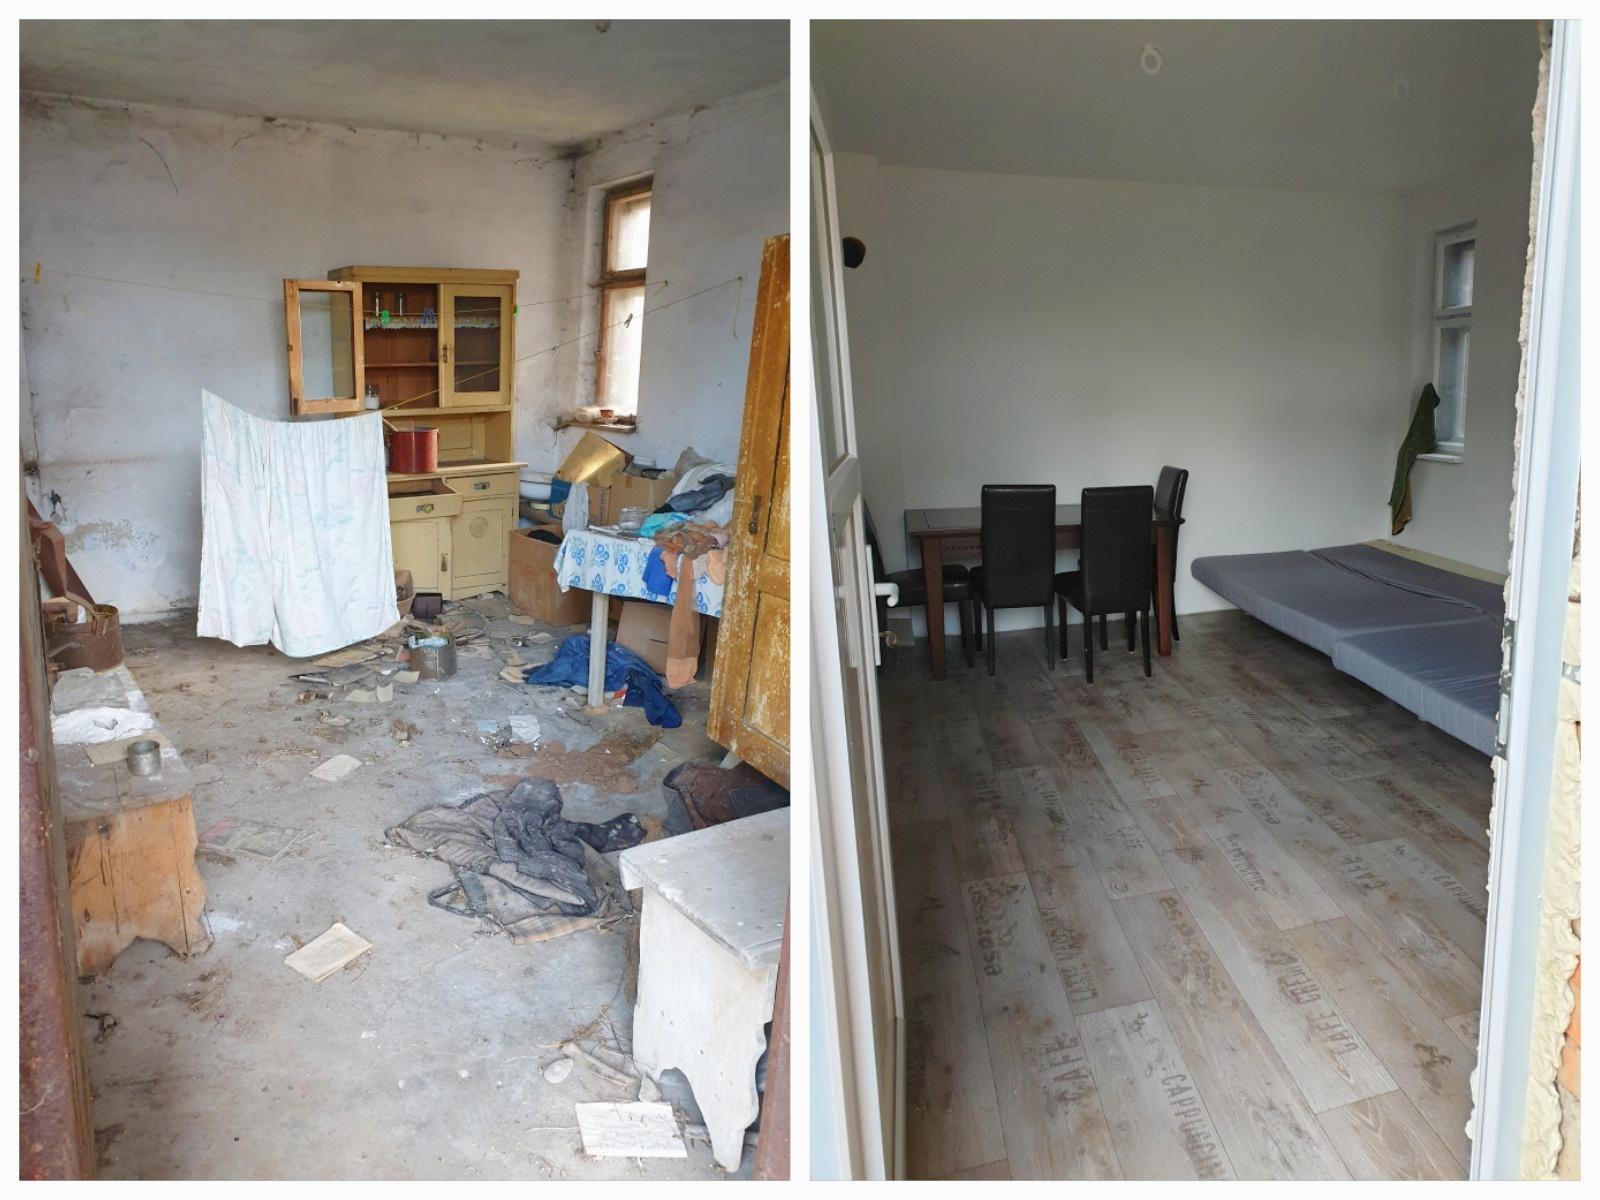 Rekonštrukcia domu-alebo chceme si splniť sen =》🏠🌻🌼🐶  mat domcek a vratit sa na Slovensko - a tu je premena izby za 2dni aj s vypratovanim bordelu z domu :-) svokor omaloval steny aj okna, vysekal  zarubnu a s manzelom osadili